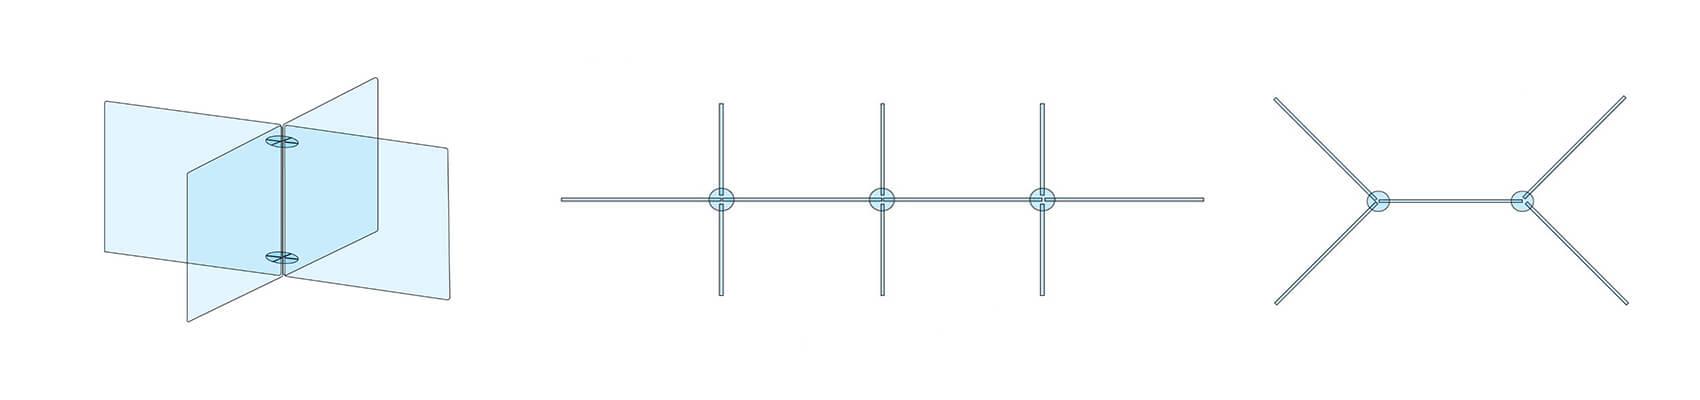 Exemples de configuration paroi de protection pour table et bureau